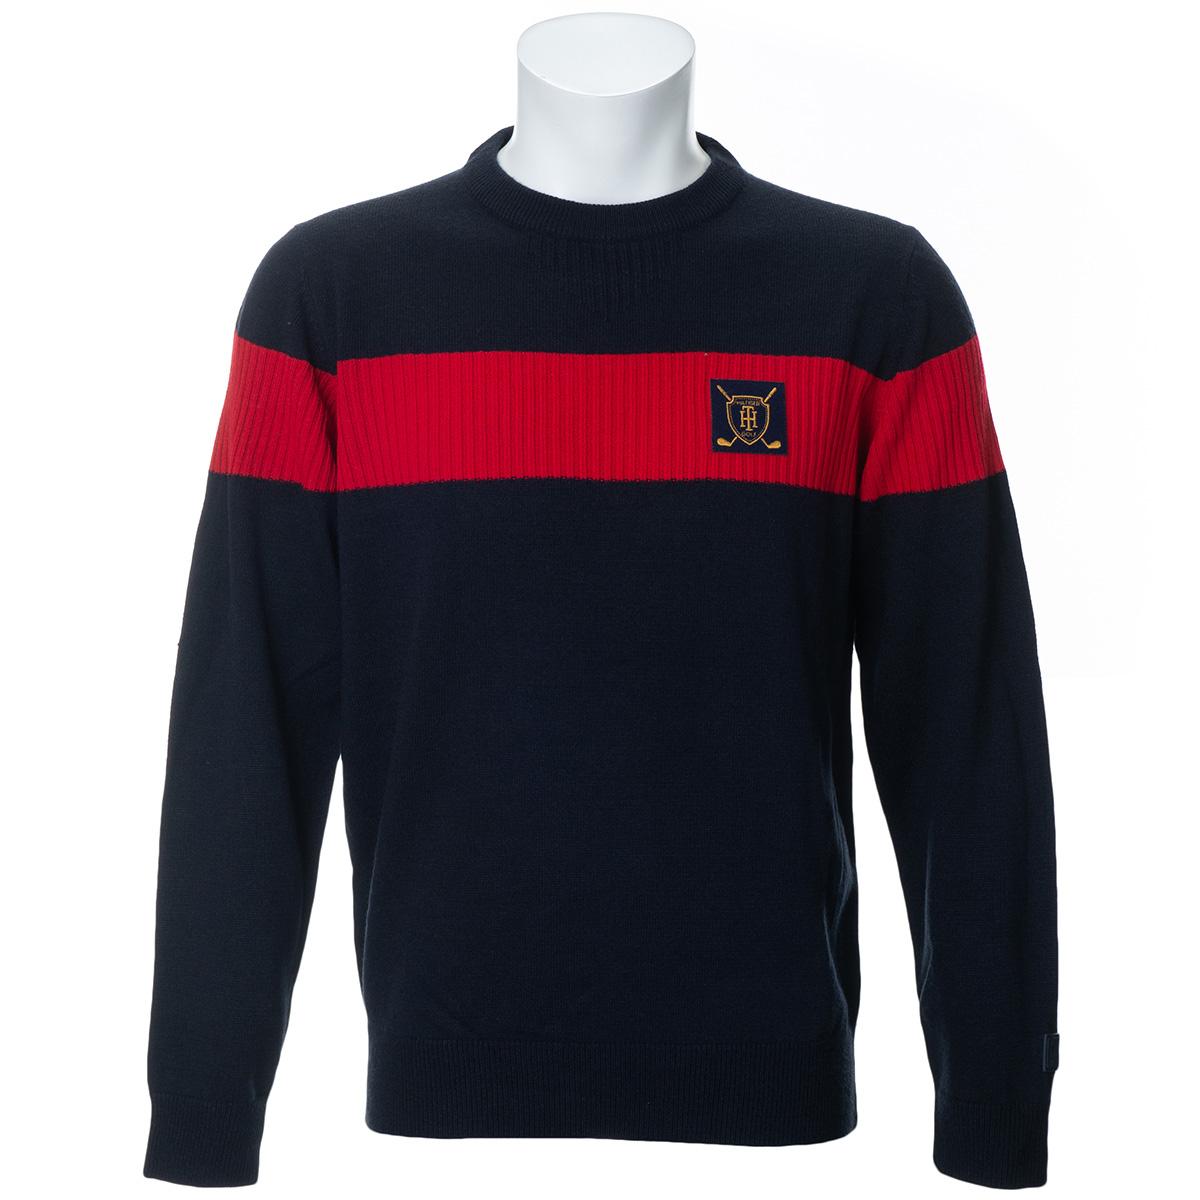 クレストマーク クルーネックセーター